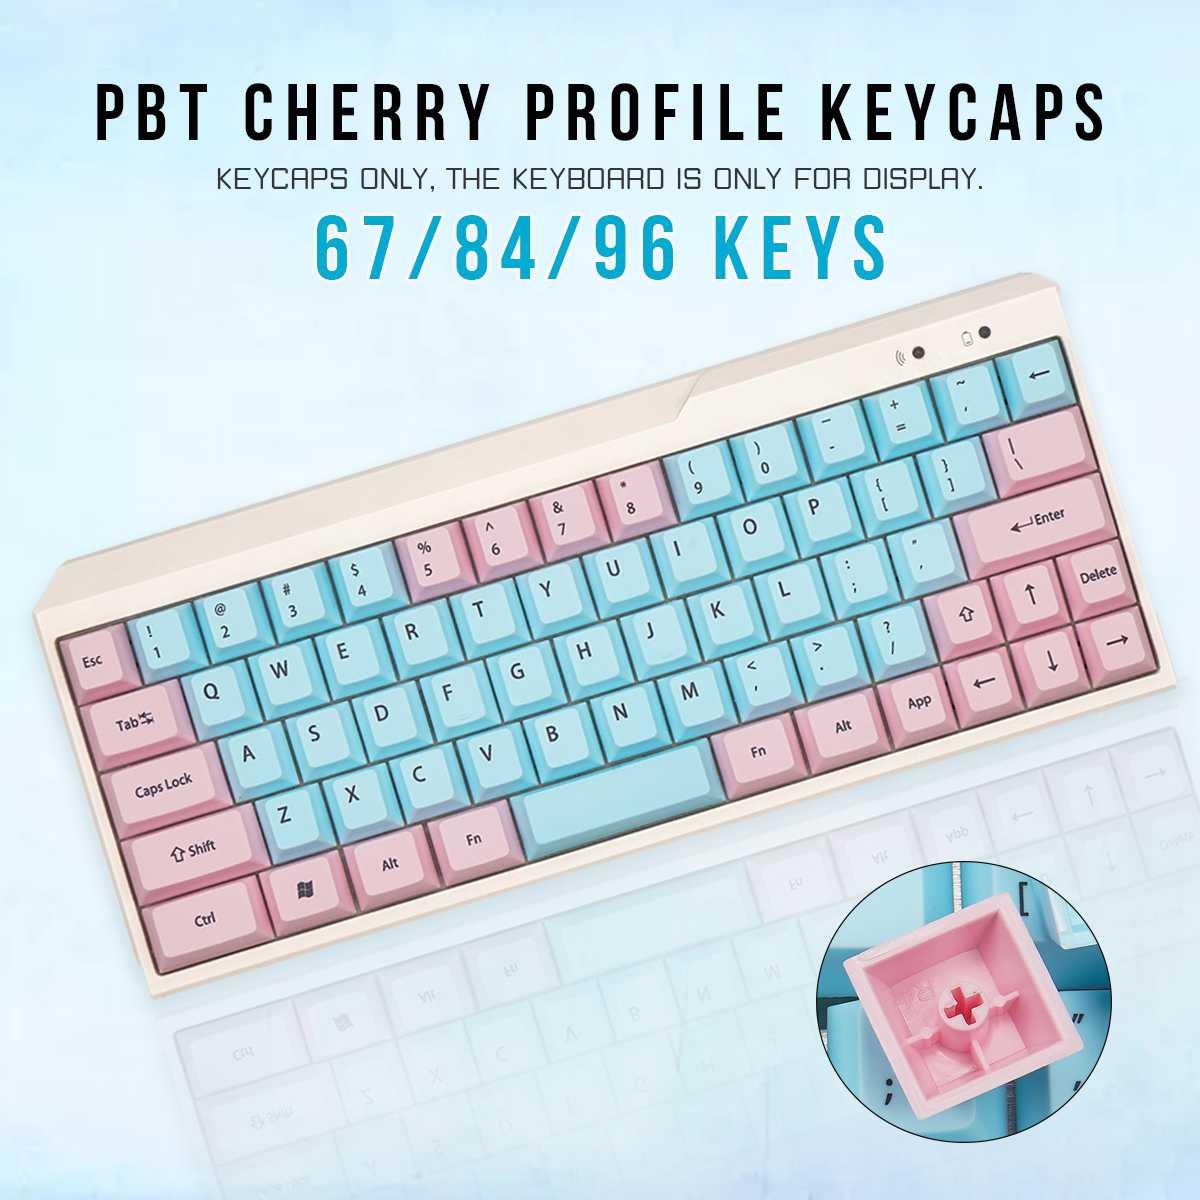 78/98/122 مفاتيح Keycap الوردي الأزرق مفتاح غطاء مجموعة الكرز الشخصي PBT التسامي كيكابس للوحة المفاتيح الميكانيكية